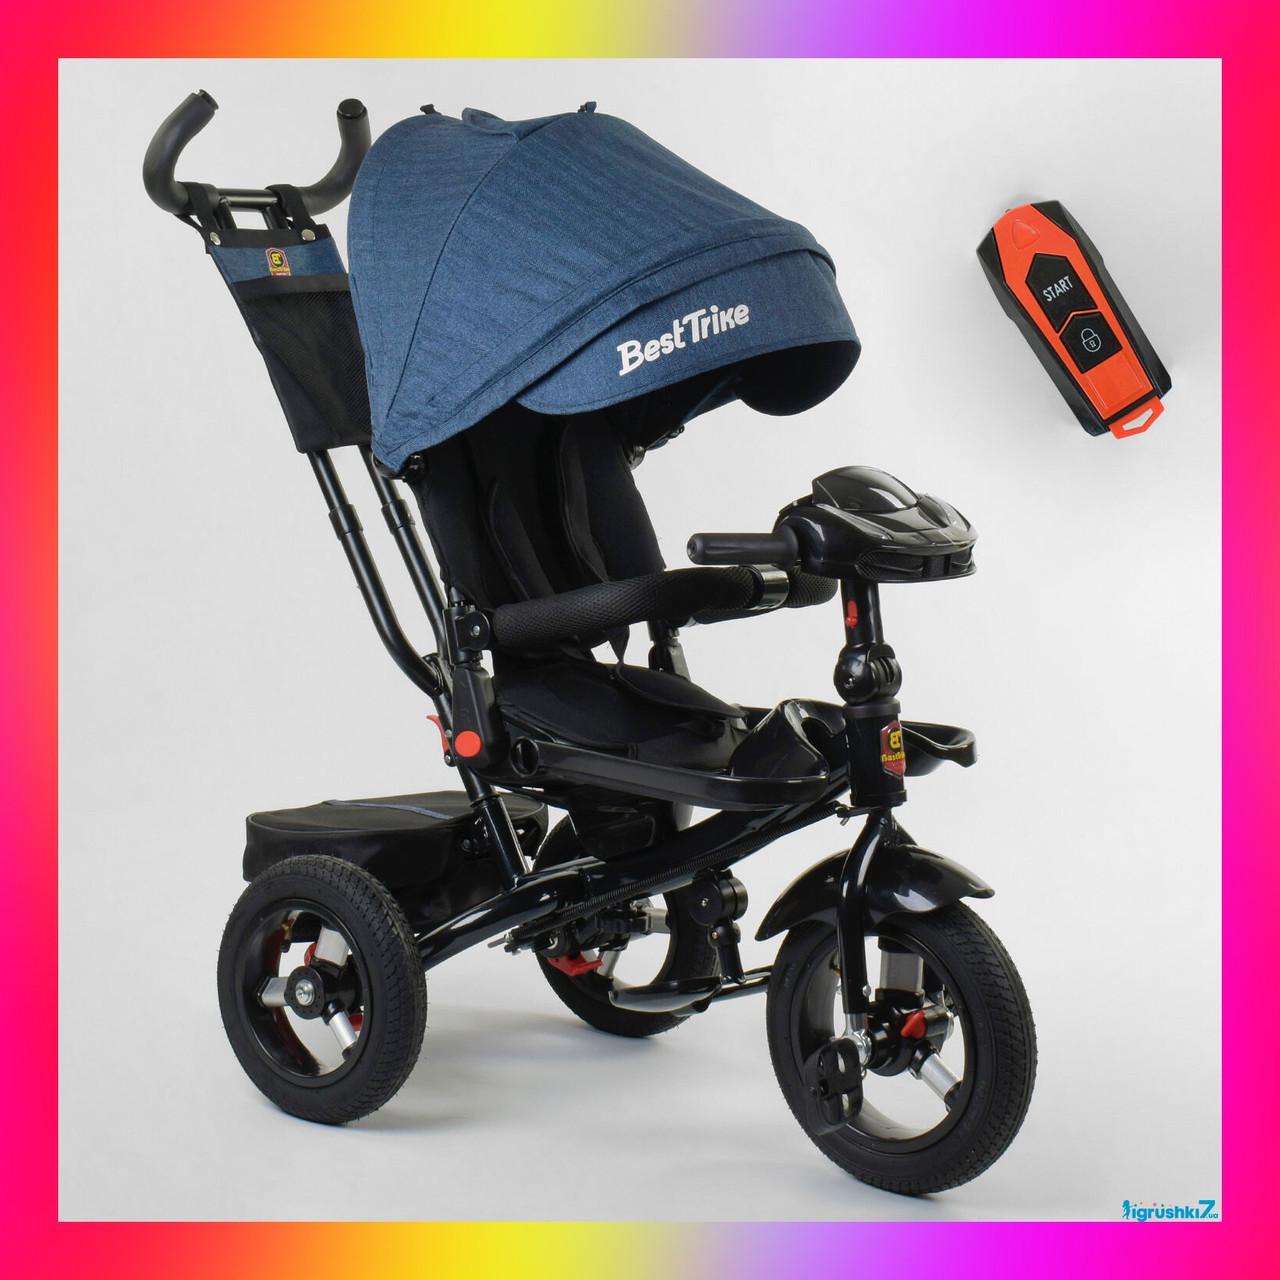 Дитячий триколісний велосипед коляска Baby Trike 6088 з ігровою панеллю і поворотним сидінням Синій